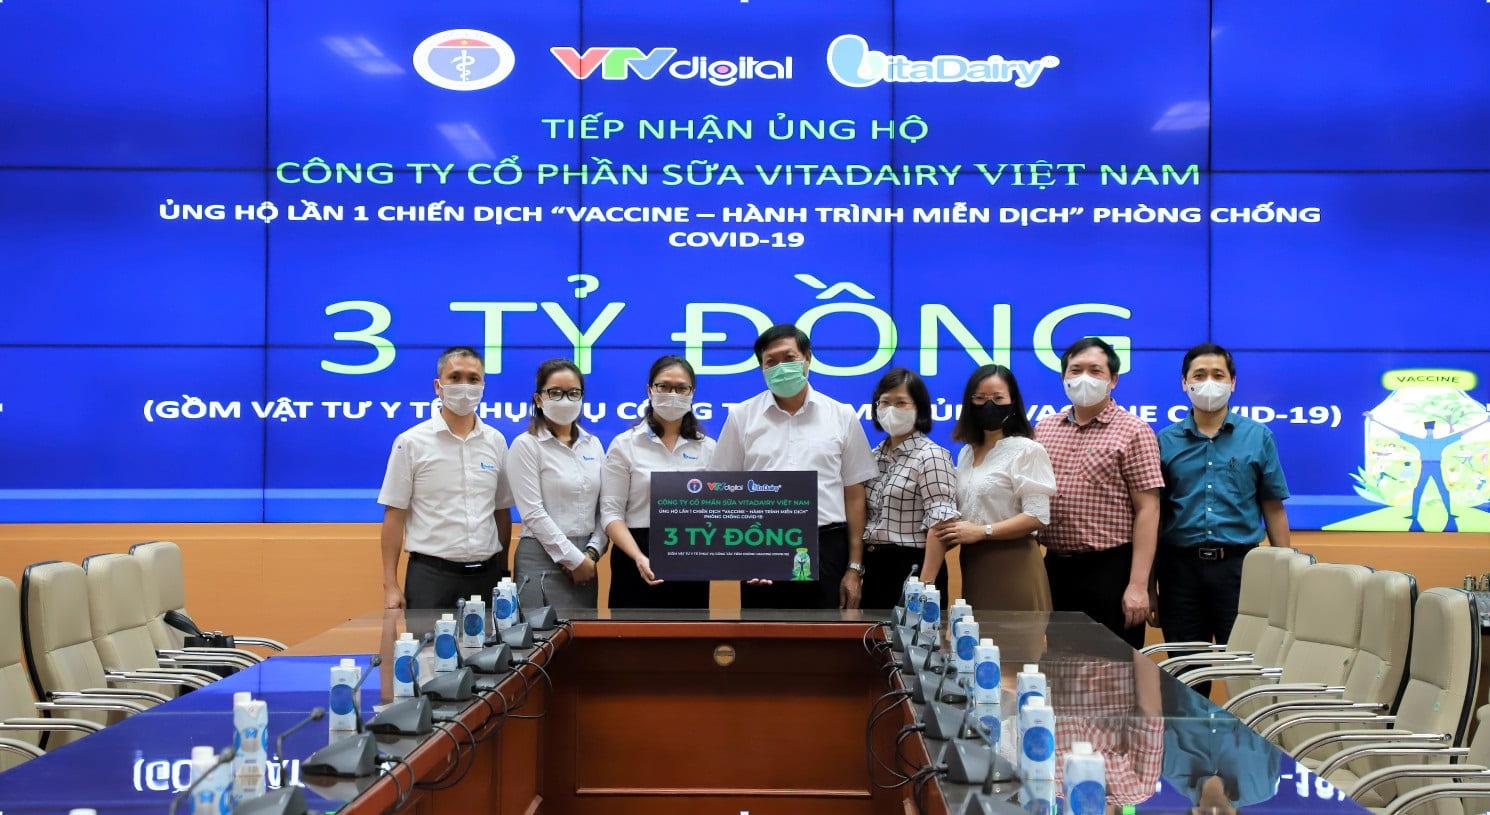 Đại diện Công ty Sữa VitaDairy trao tặng cho Bộ Y tế 3 tỷ đồng